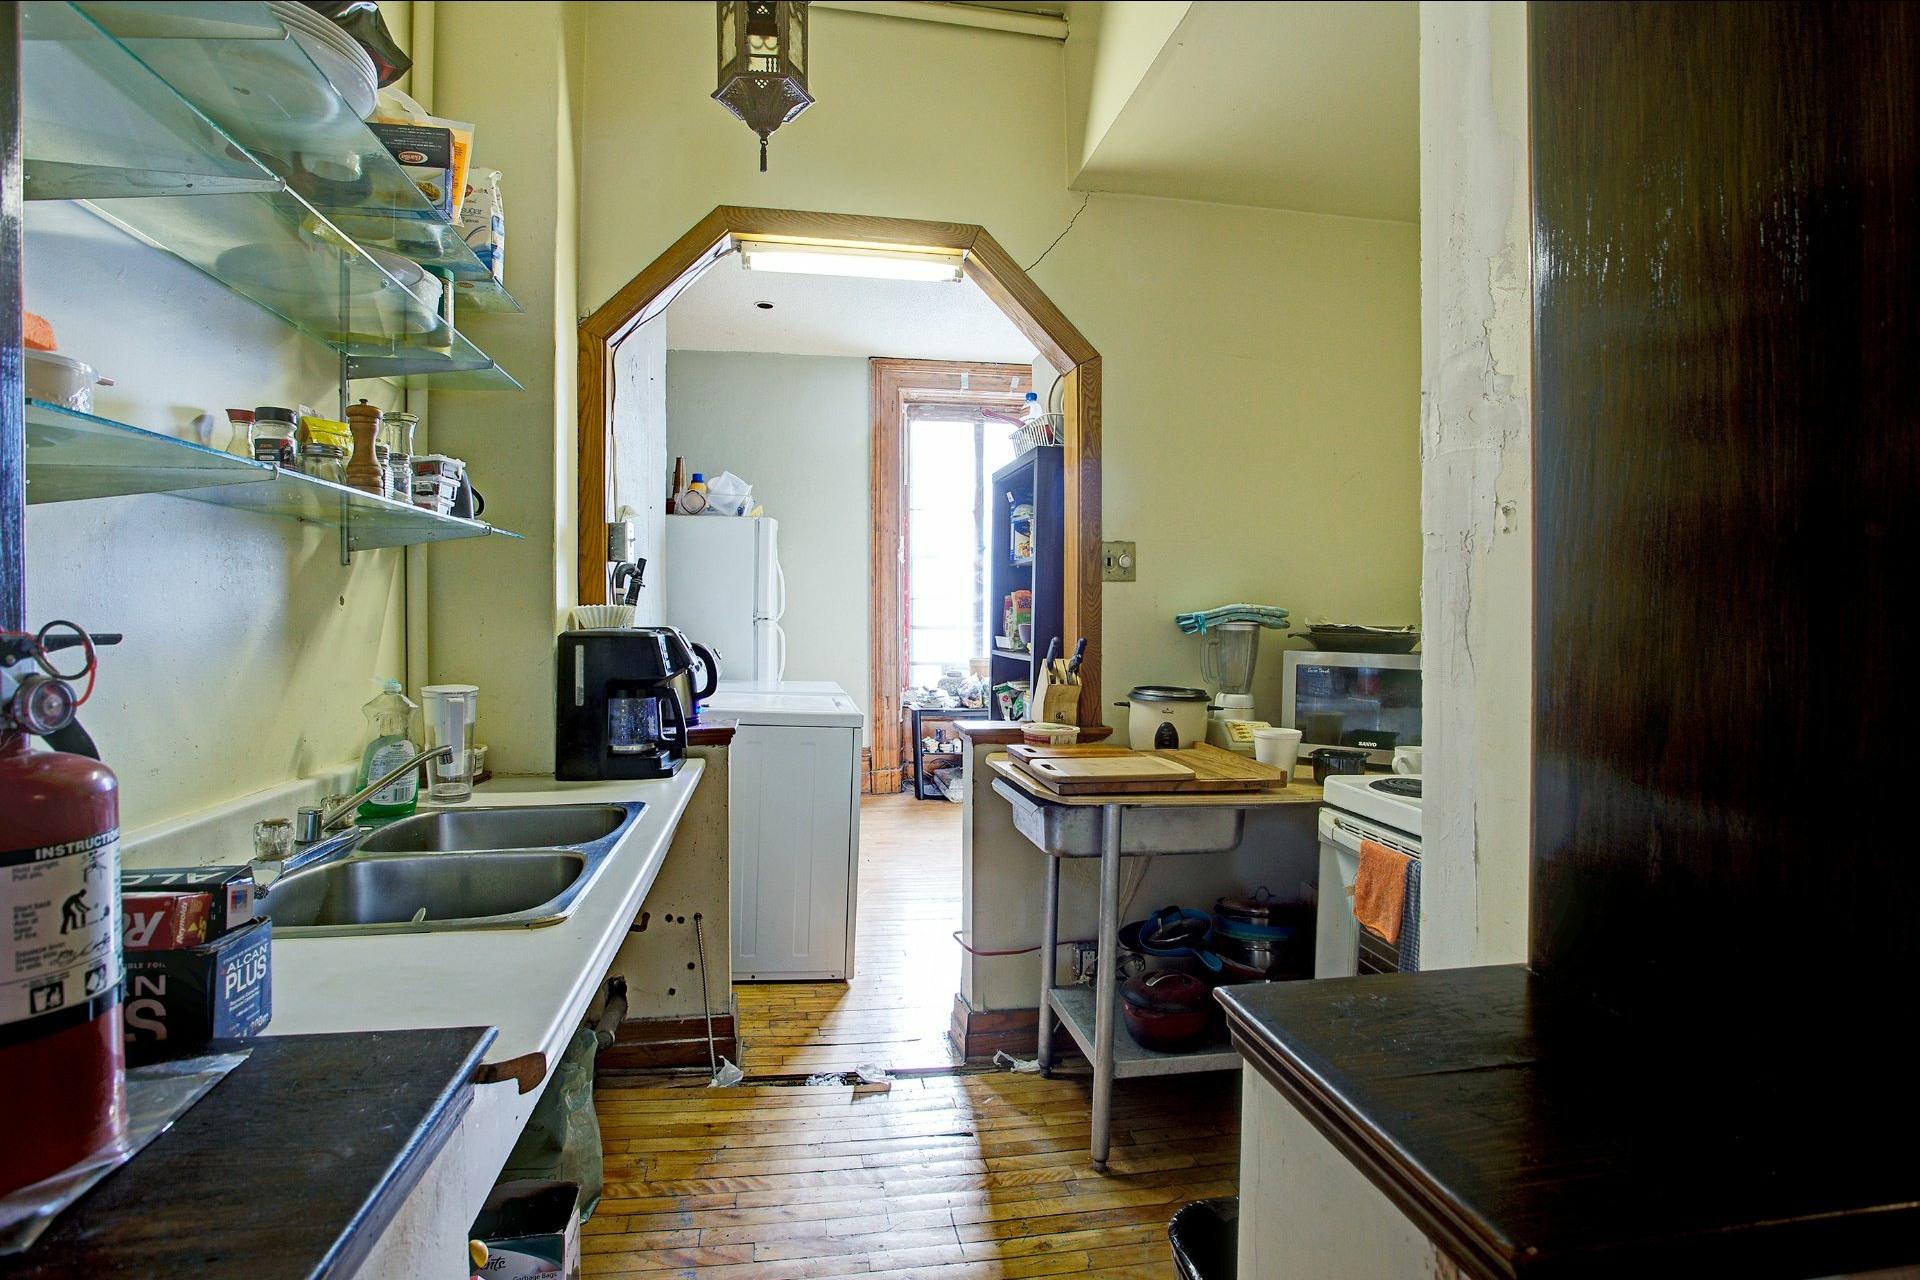 image 5 - Duplex À vendre Montréal Ville-Marie  - 8 pièces